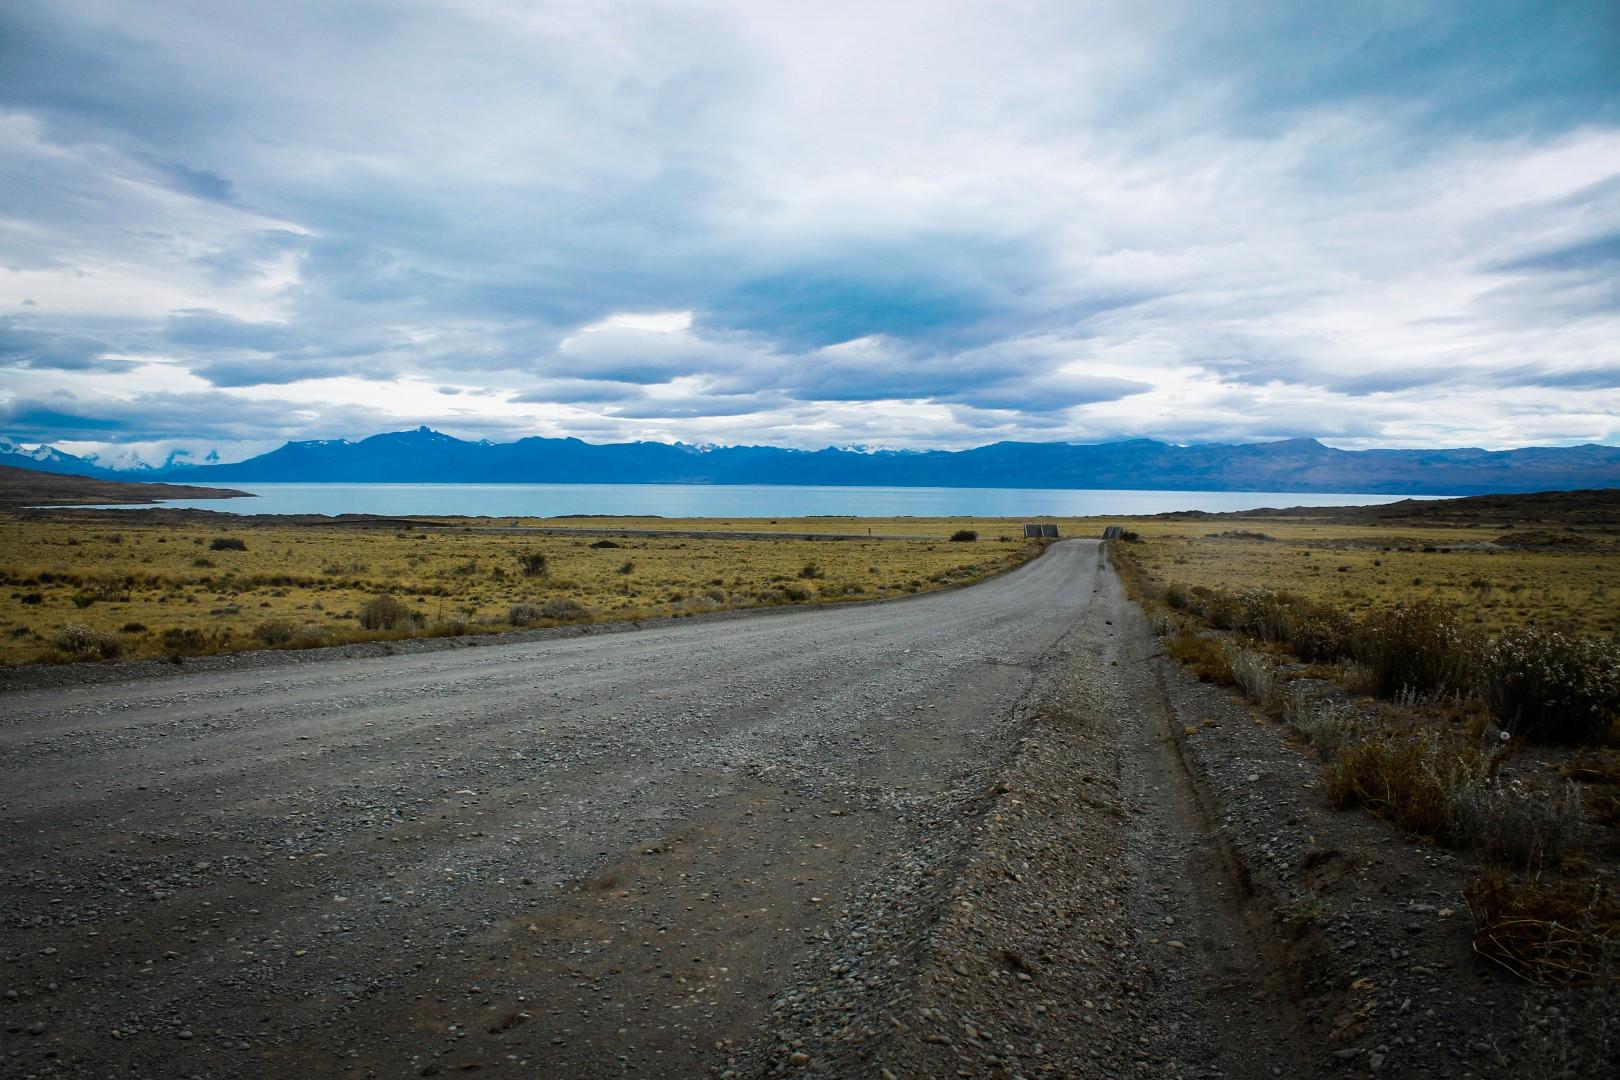 Patagonie 05